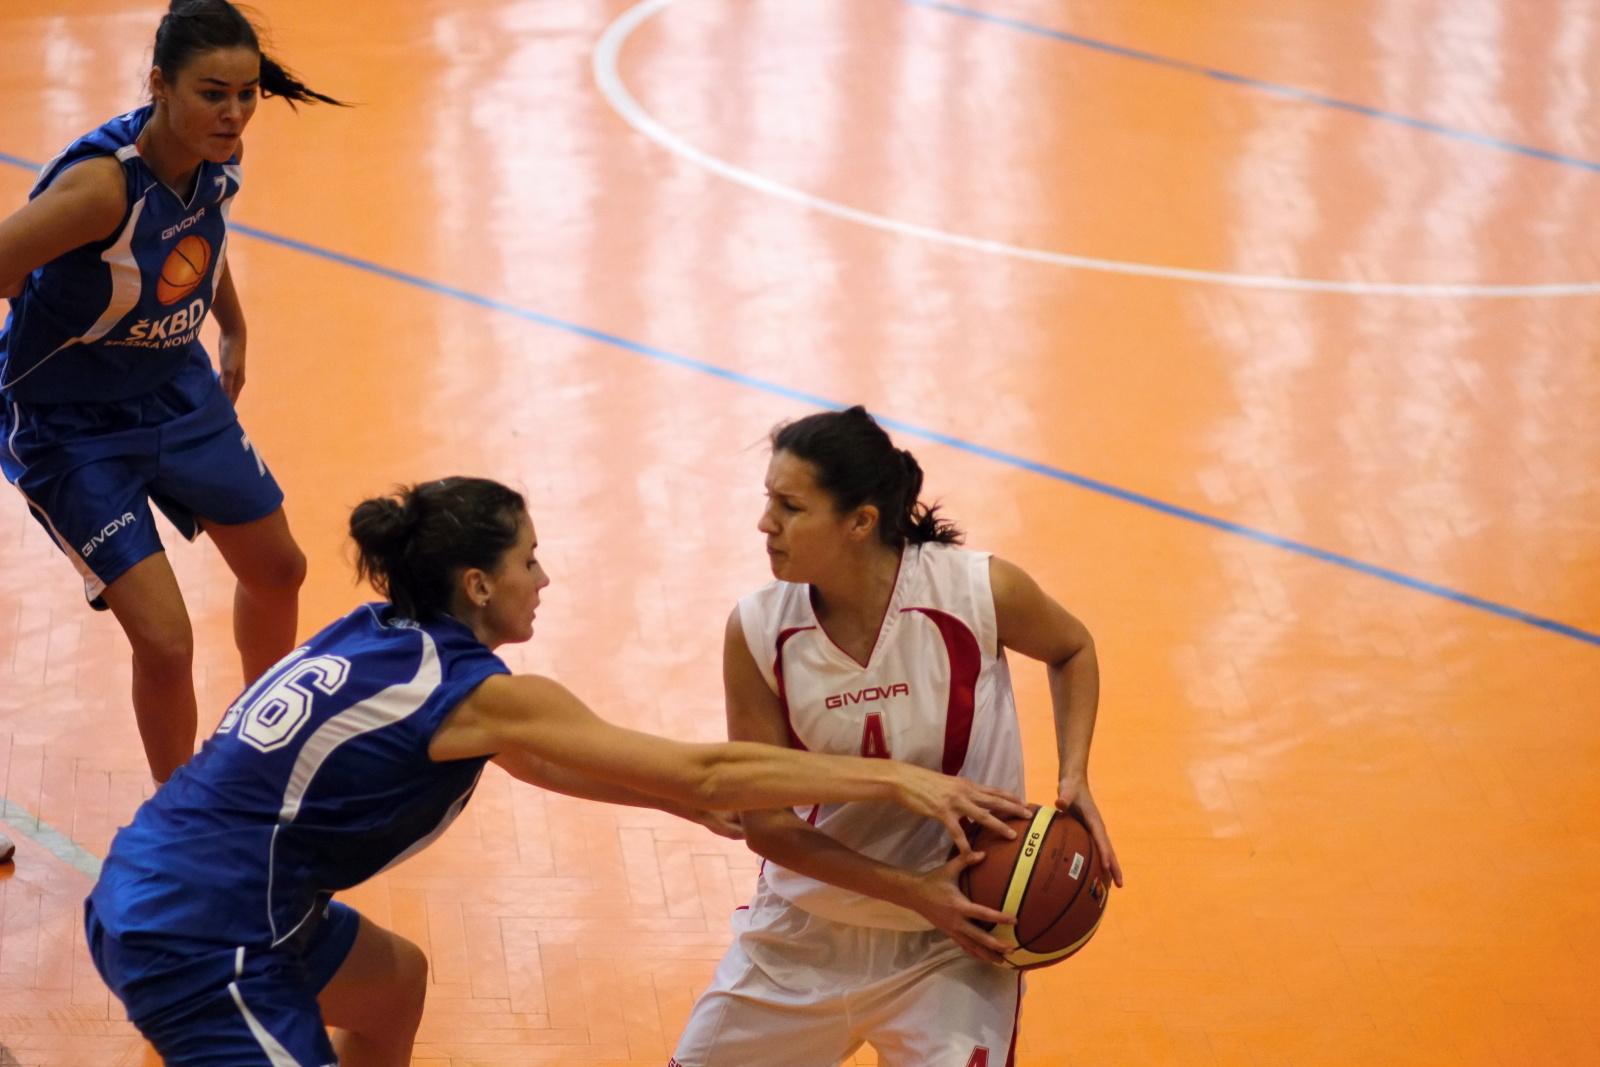 bk-zvolen-skbd-snv-basketbal-20